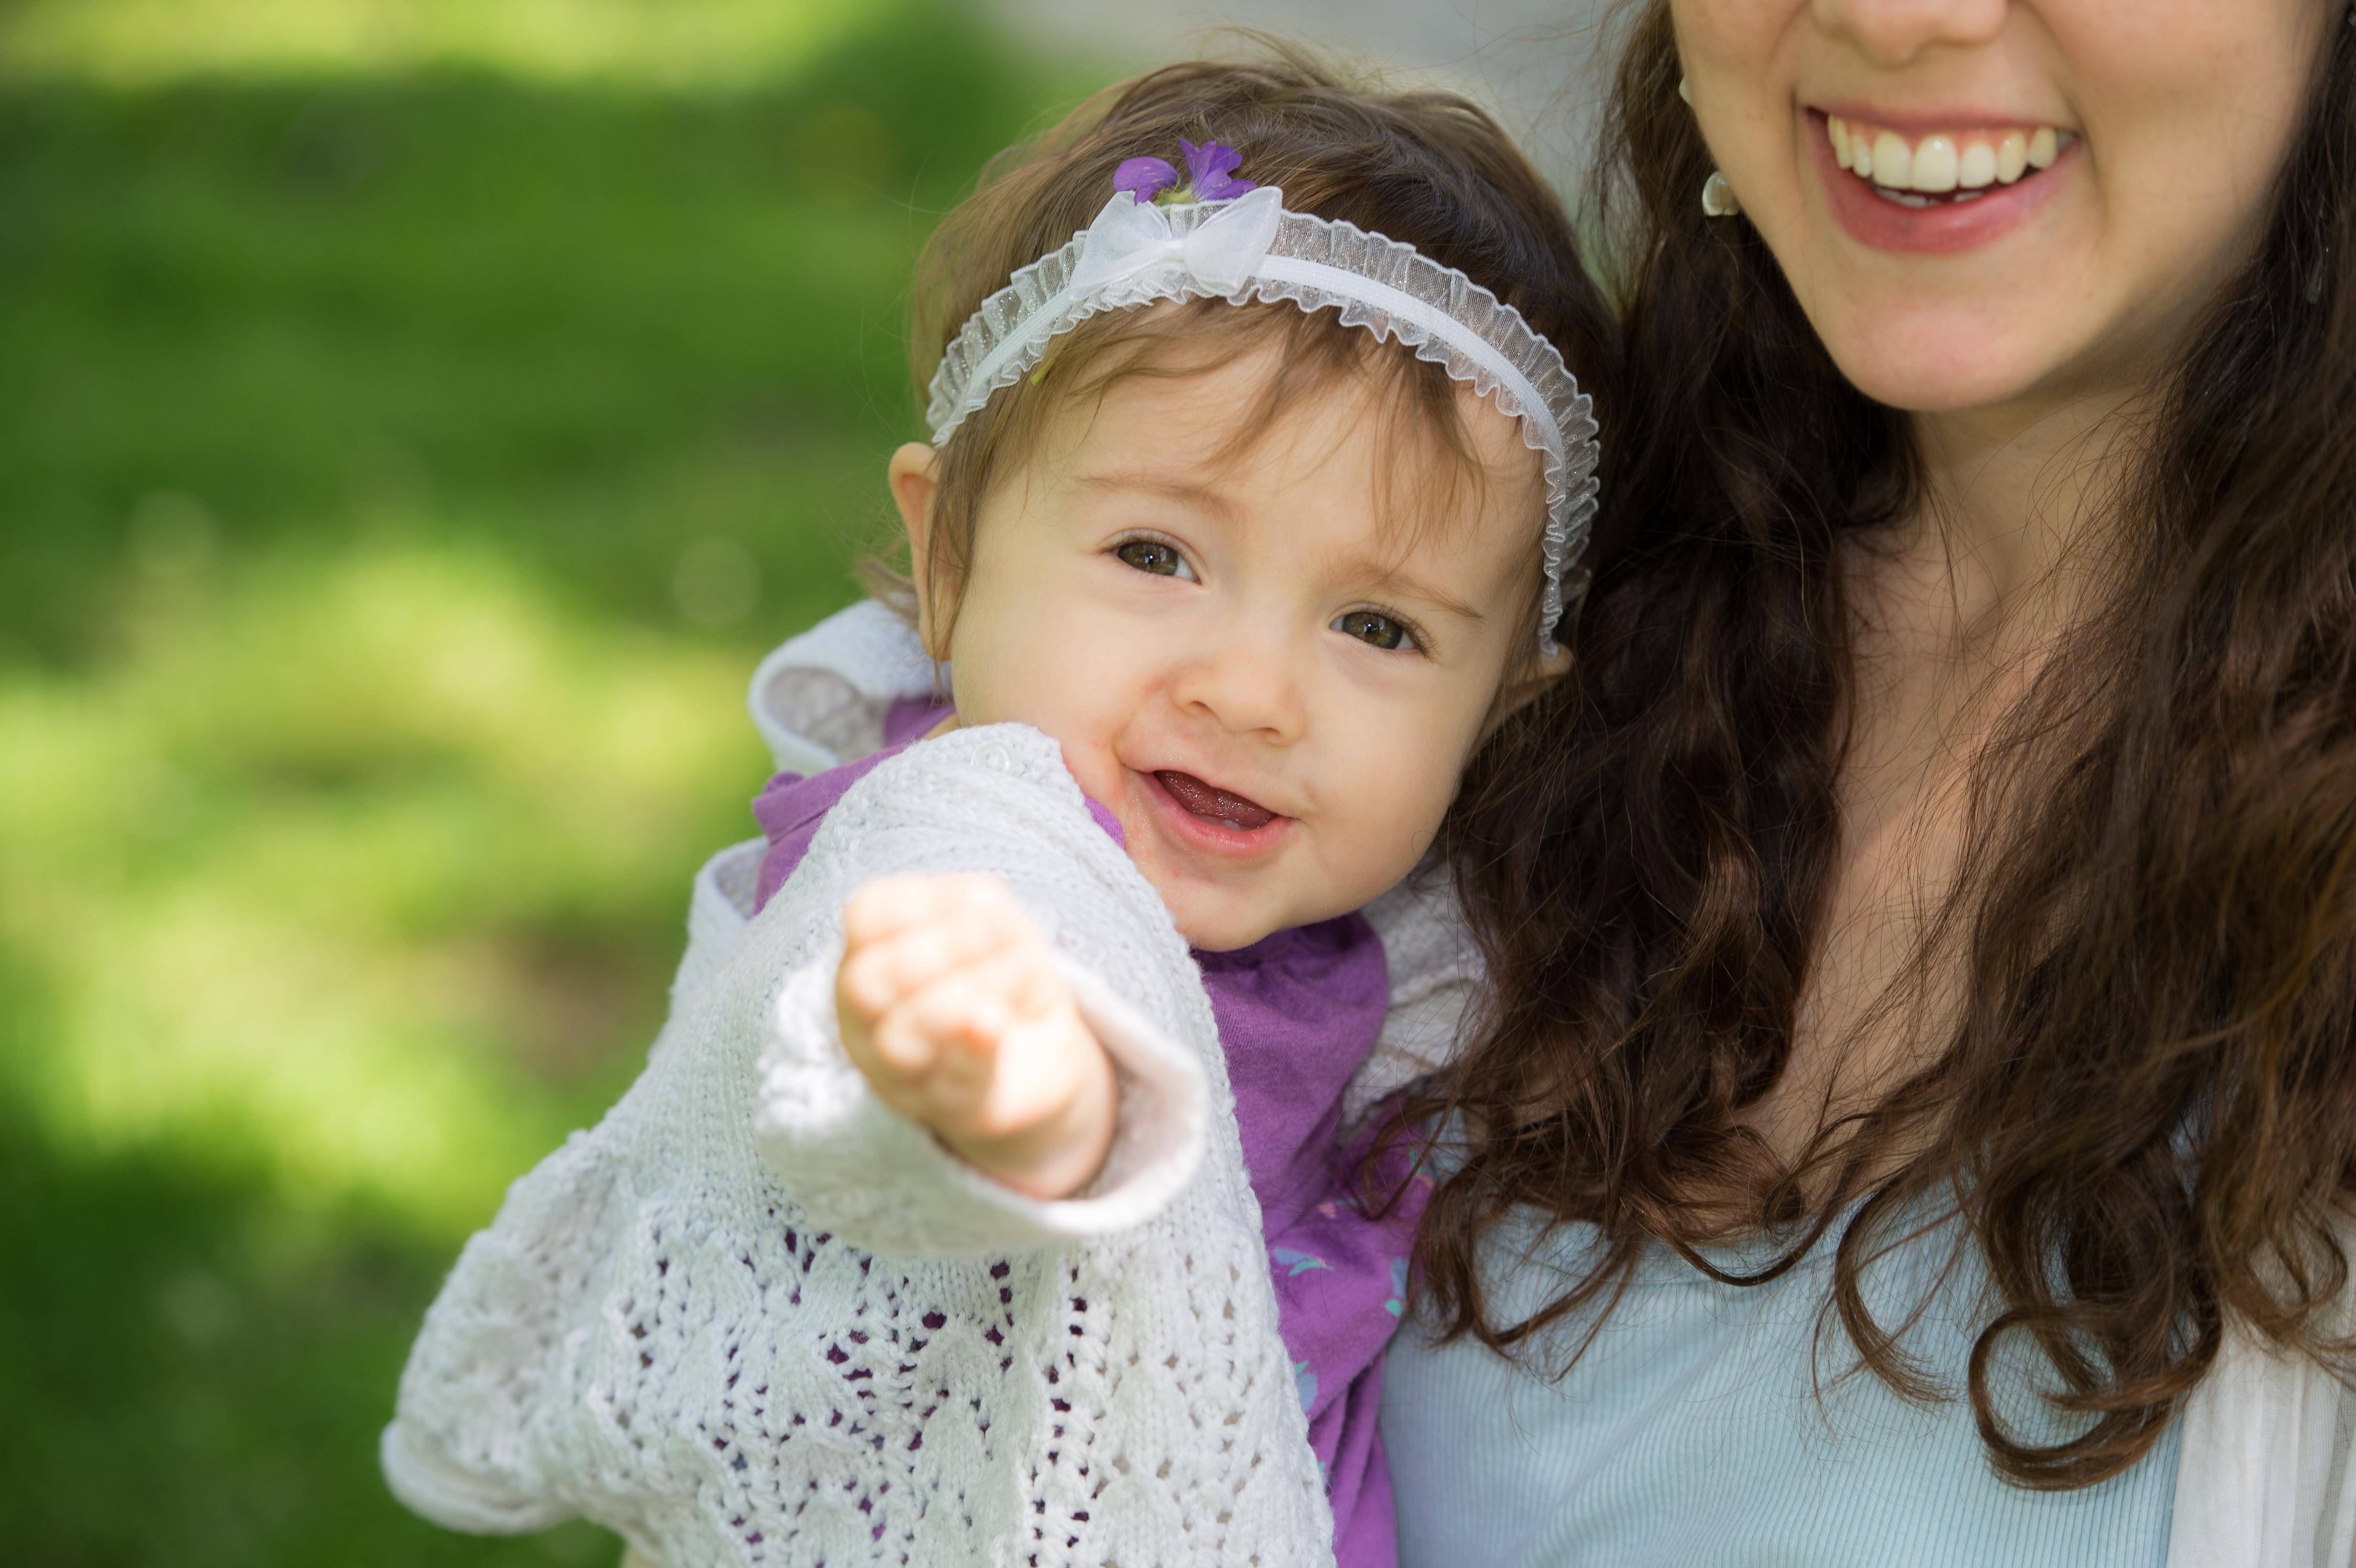 Astoria Park child